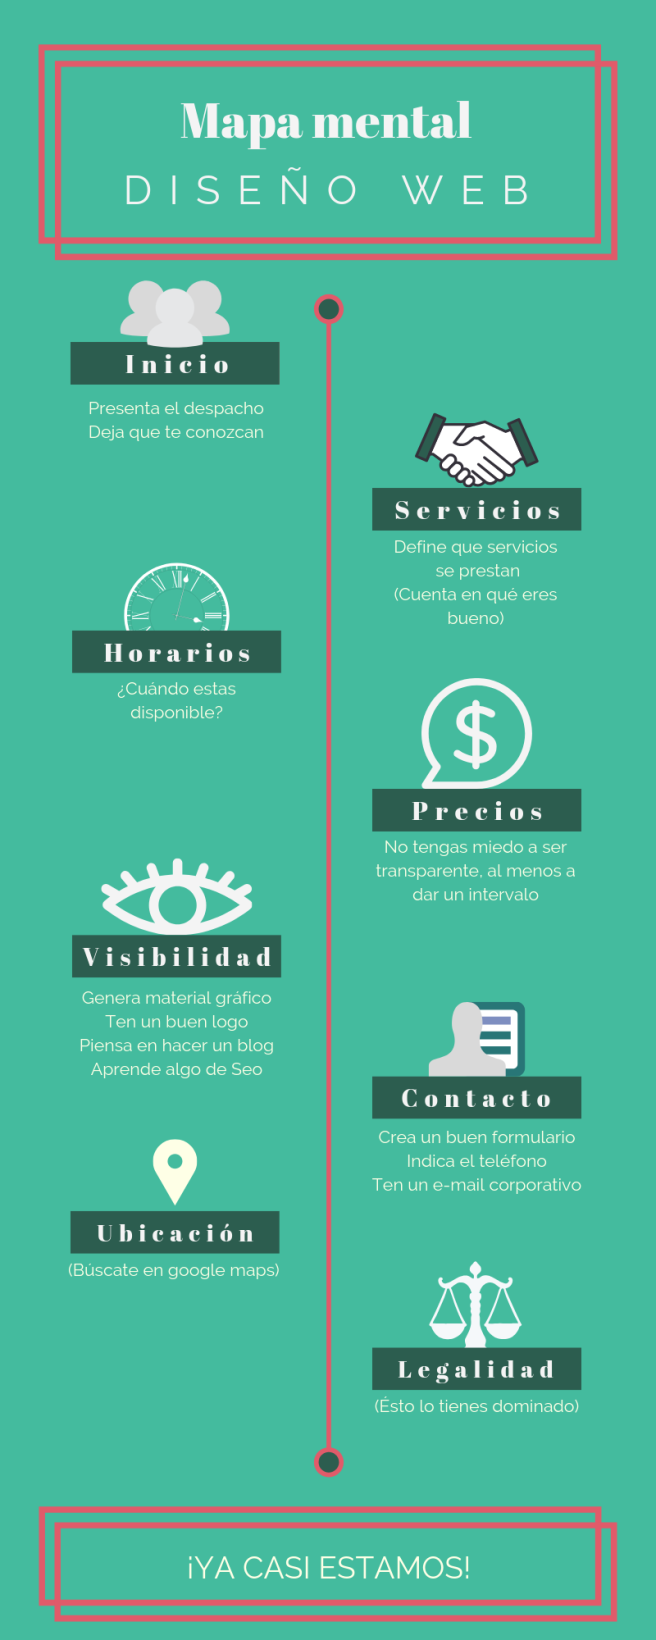 Términos y condiciones presenta_.png